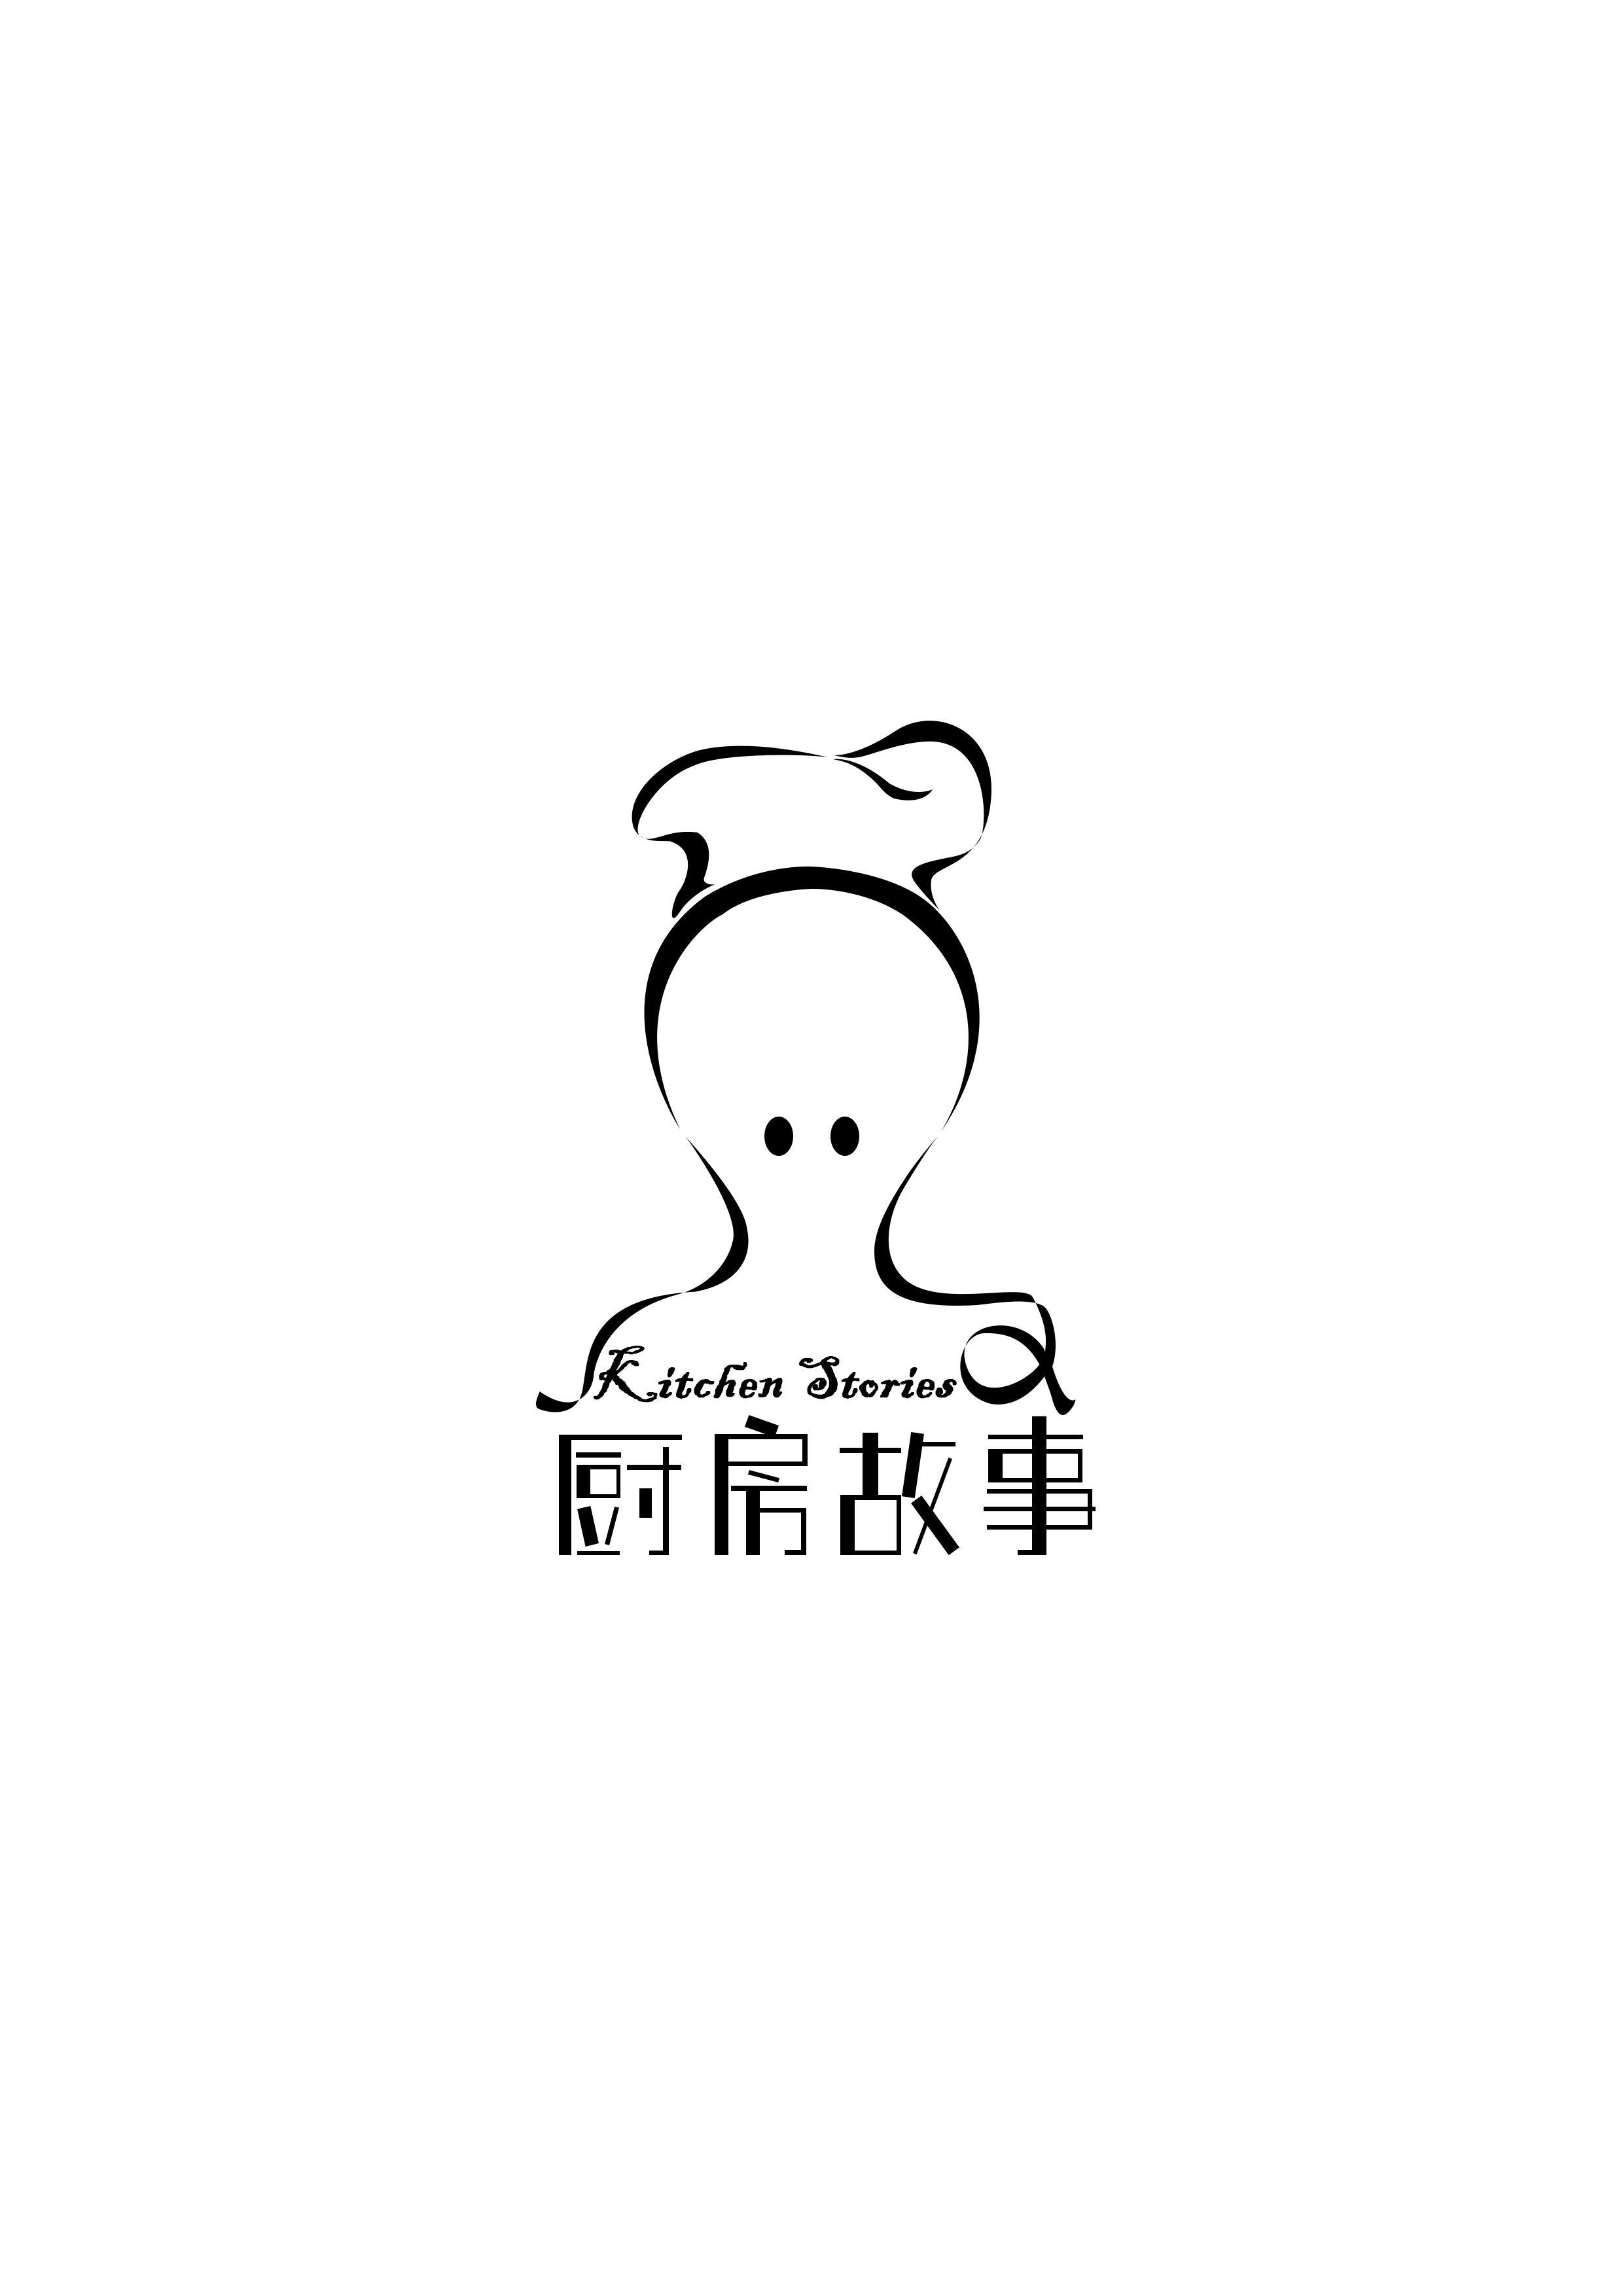 logo design kitchen stories   graphic design   Pinterest   Logos